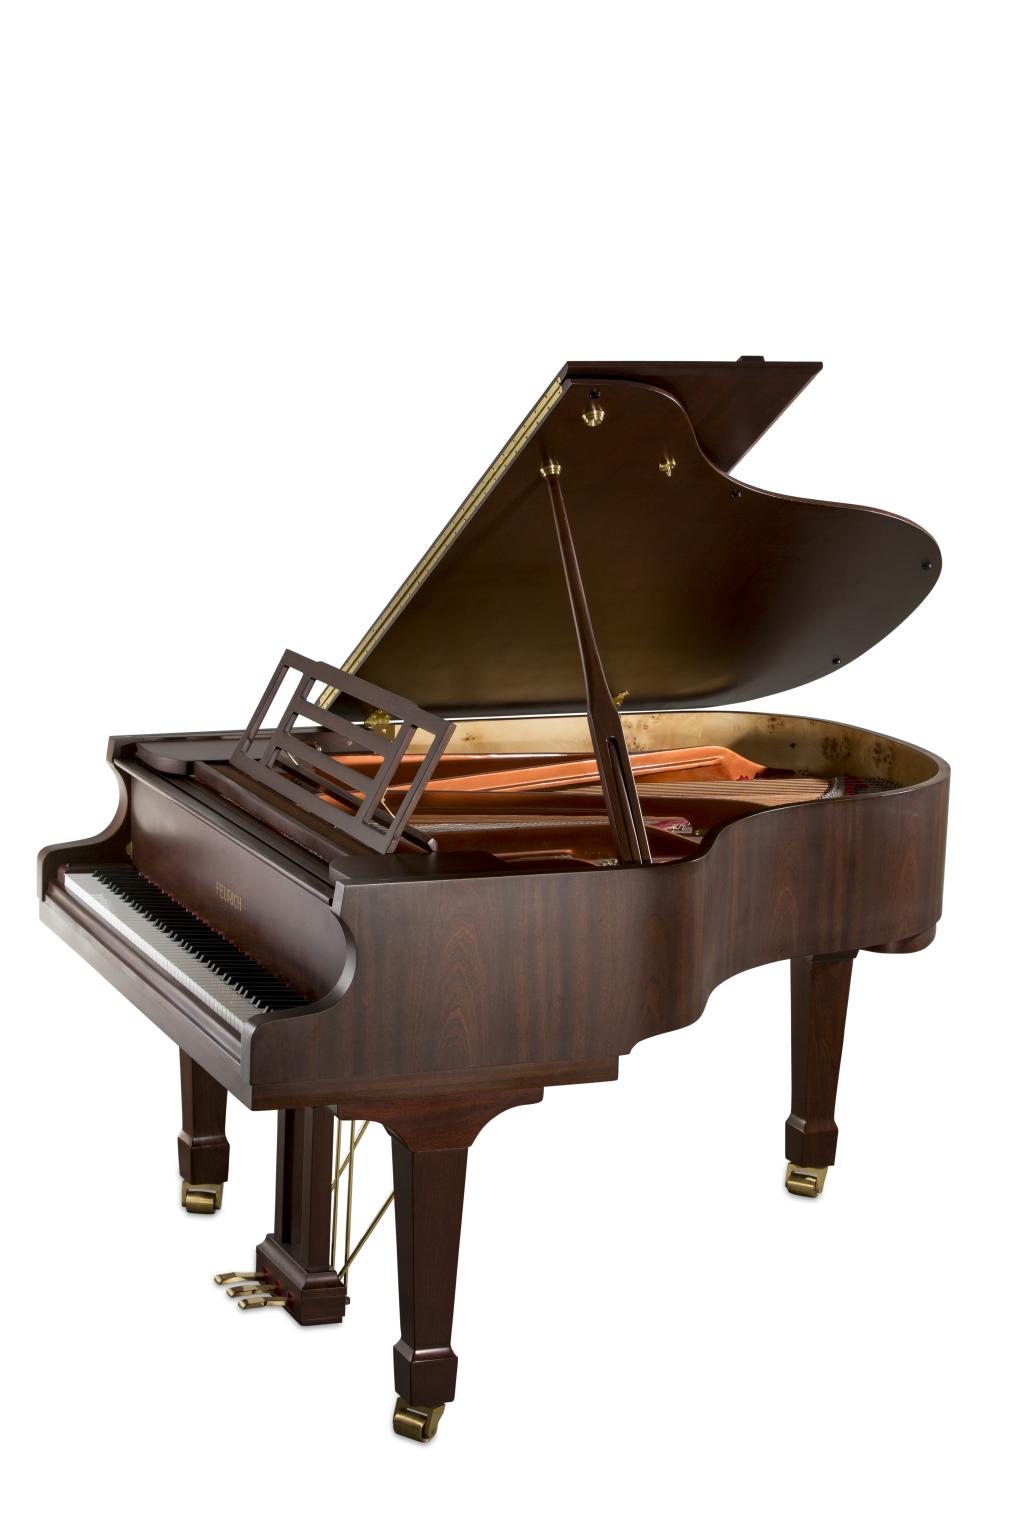 Feurich Klavier Mod. 179 Nuss satiniert